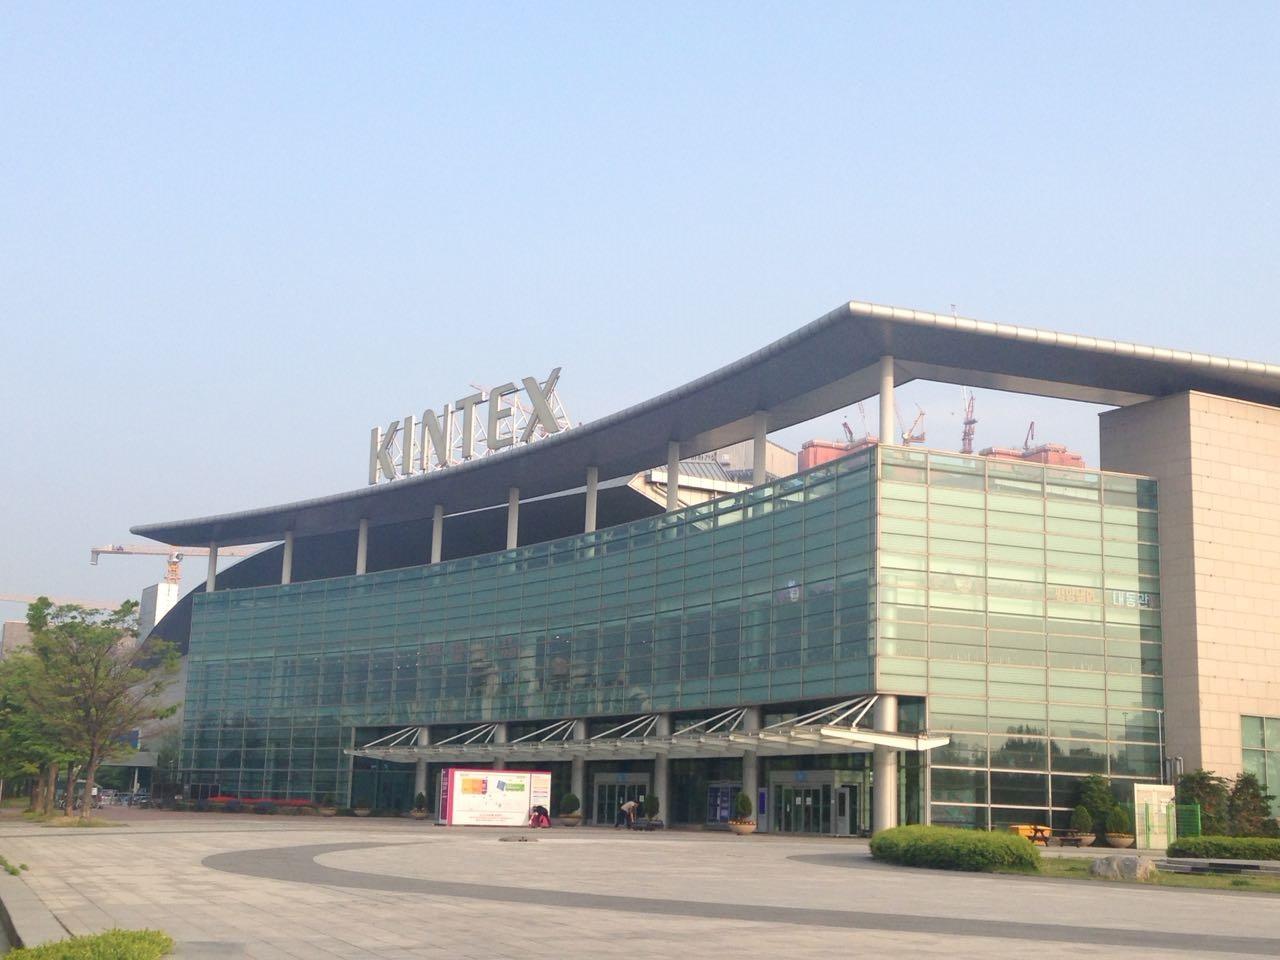 Centro de exposiciones Kintex